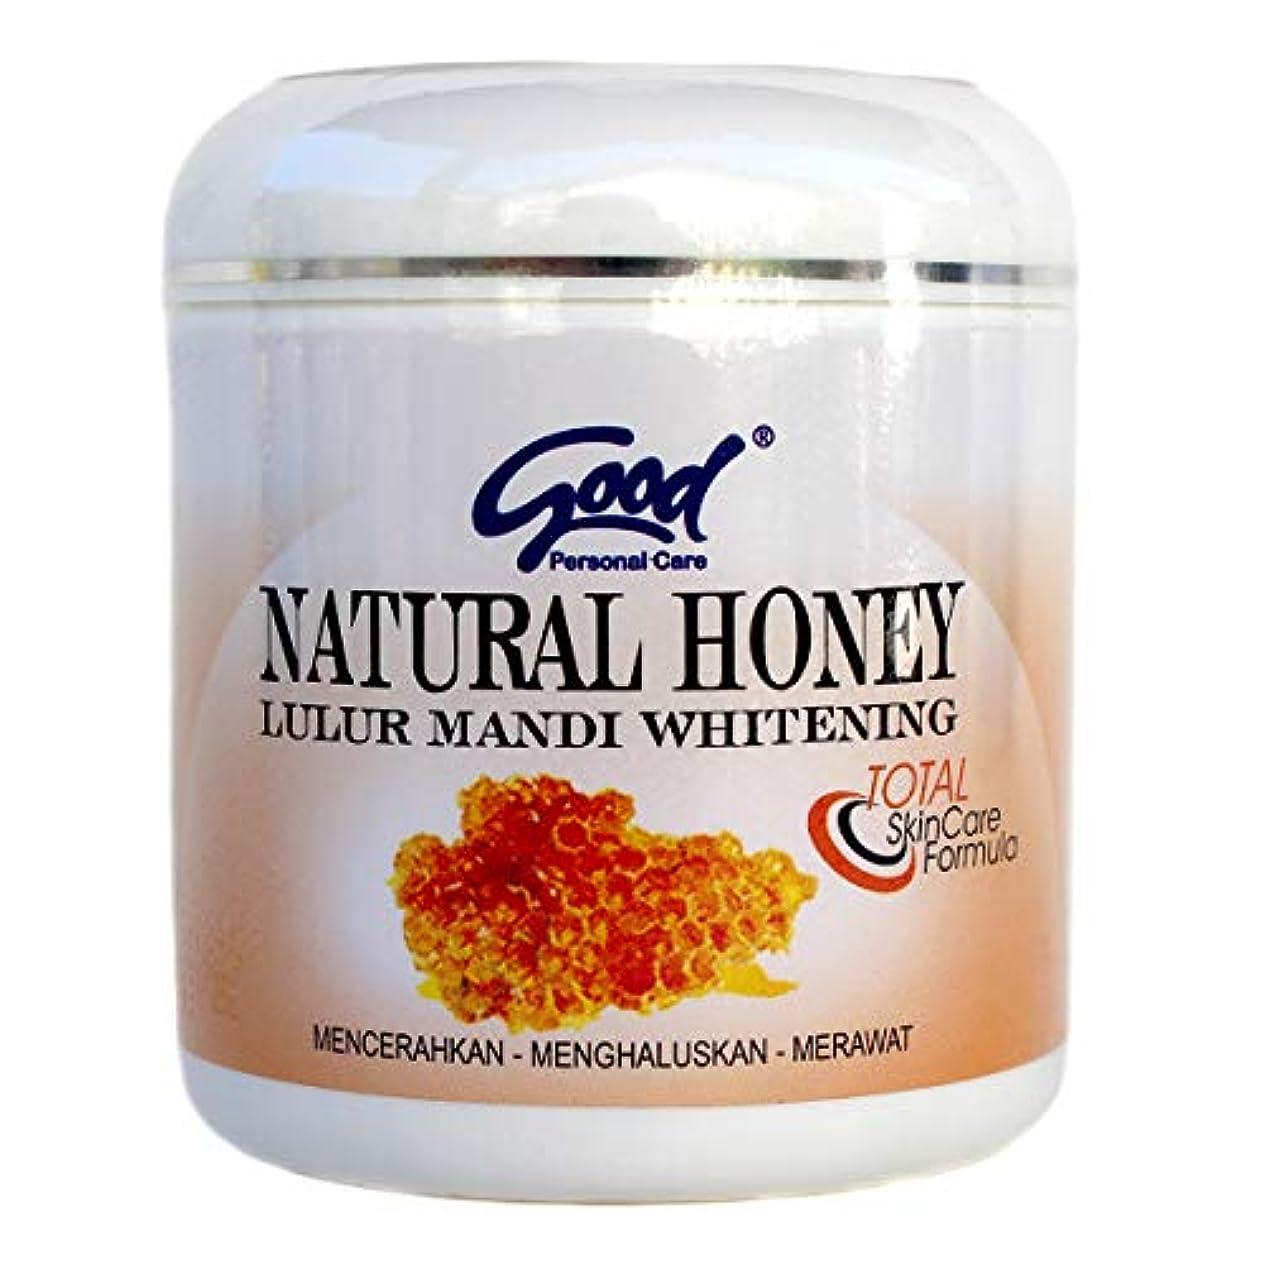 依存みすぼらしい障害good グッド インドネシアバリ島の伝統的なボディスクラブ Lulur Mandi マンディルルール 200g Natural Honey ナチュラルハニー [海外直送品]